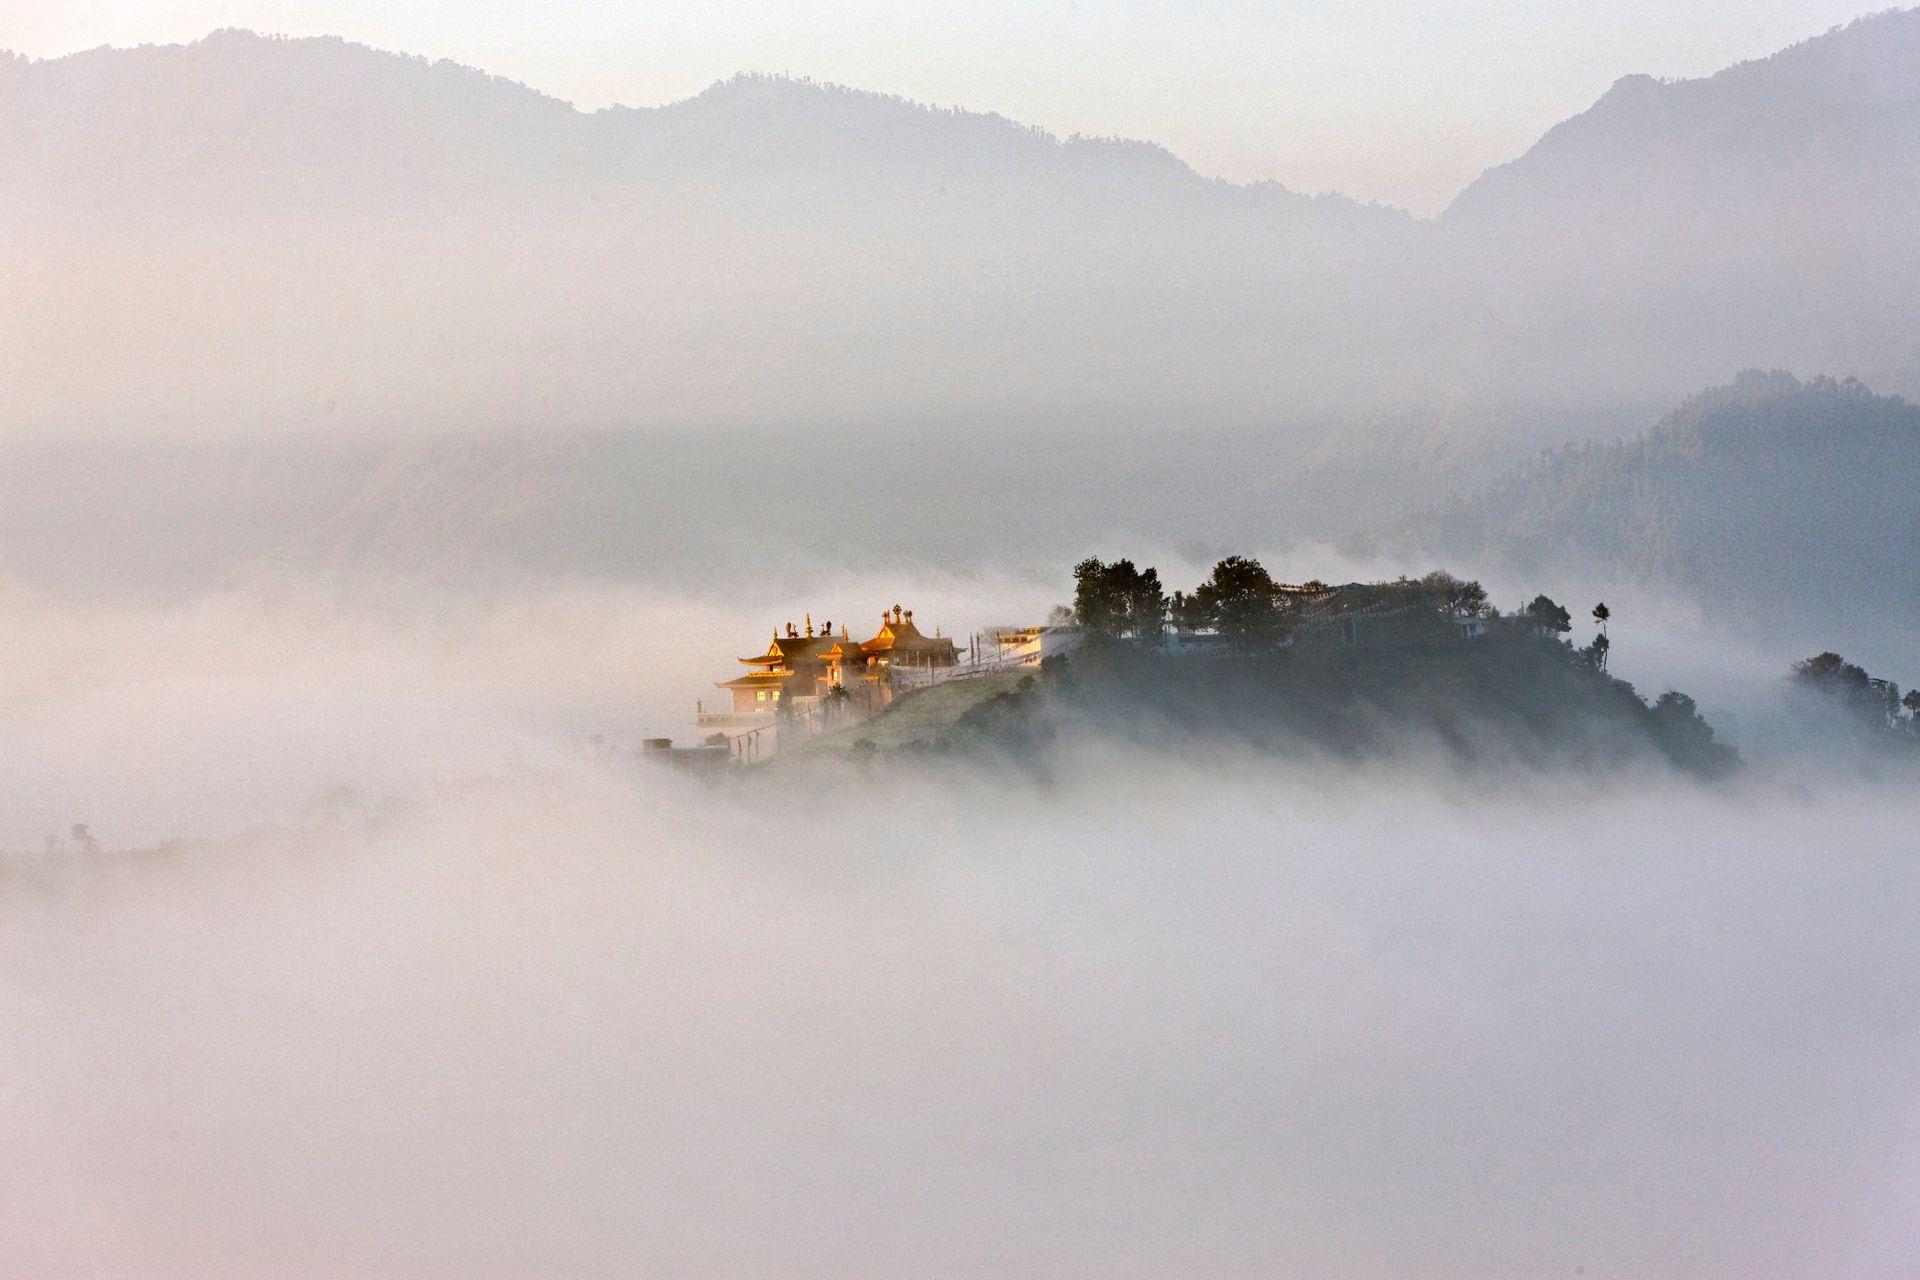 El monasterio de Thrangu Rinpoche, en lo alto de la colina de Namo Buddha, Nepal